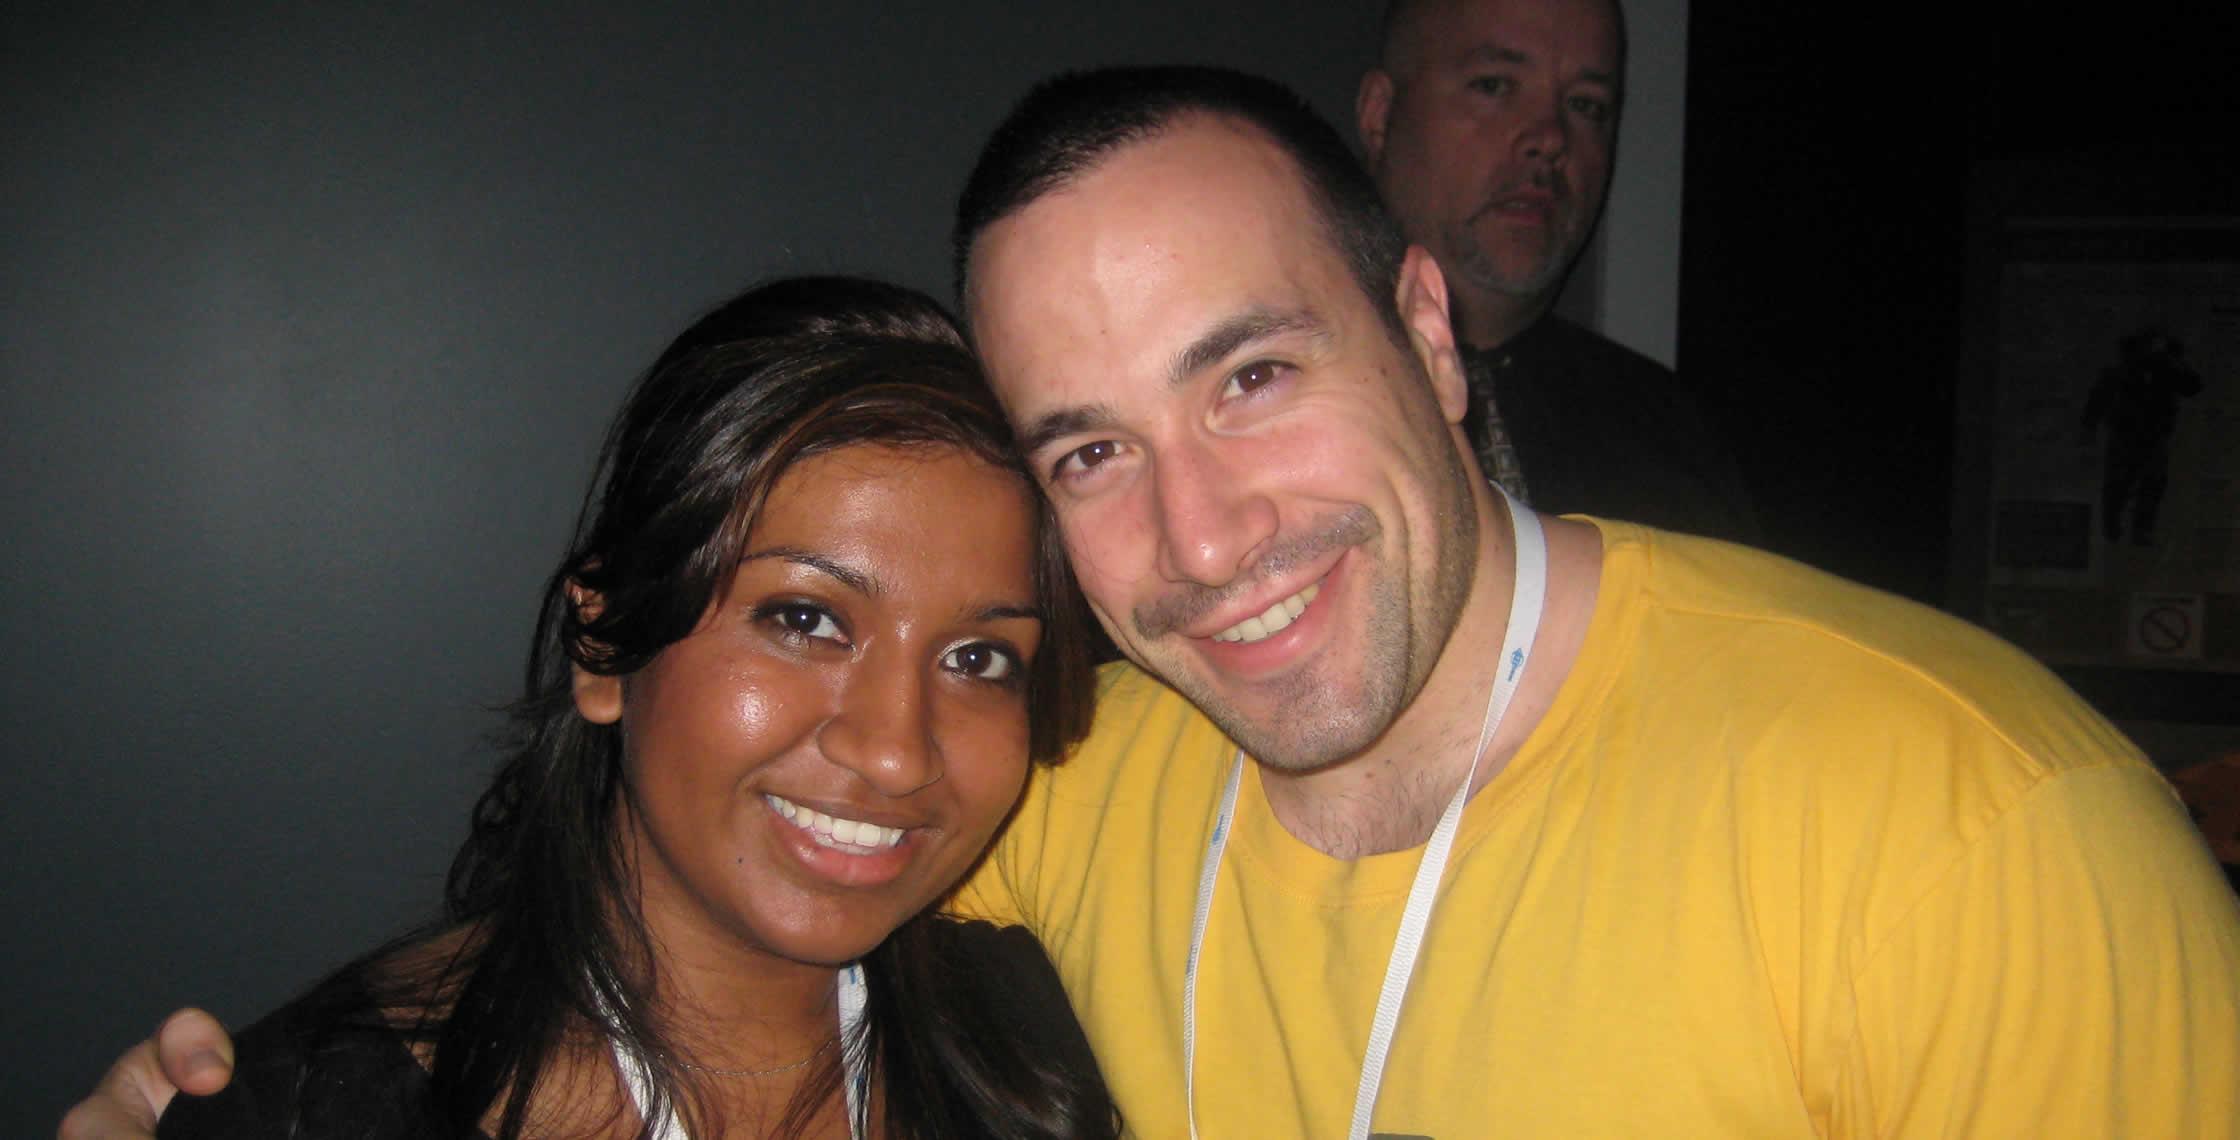 Ben Nadel at CFUNITED 2008 (Washington, D.C.) with: Nafisa Sabu